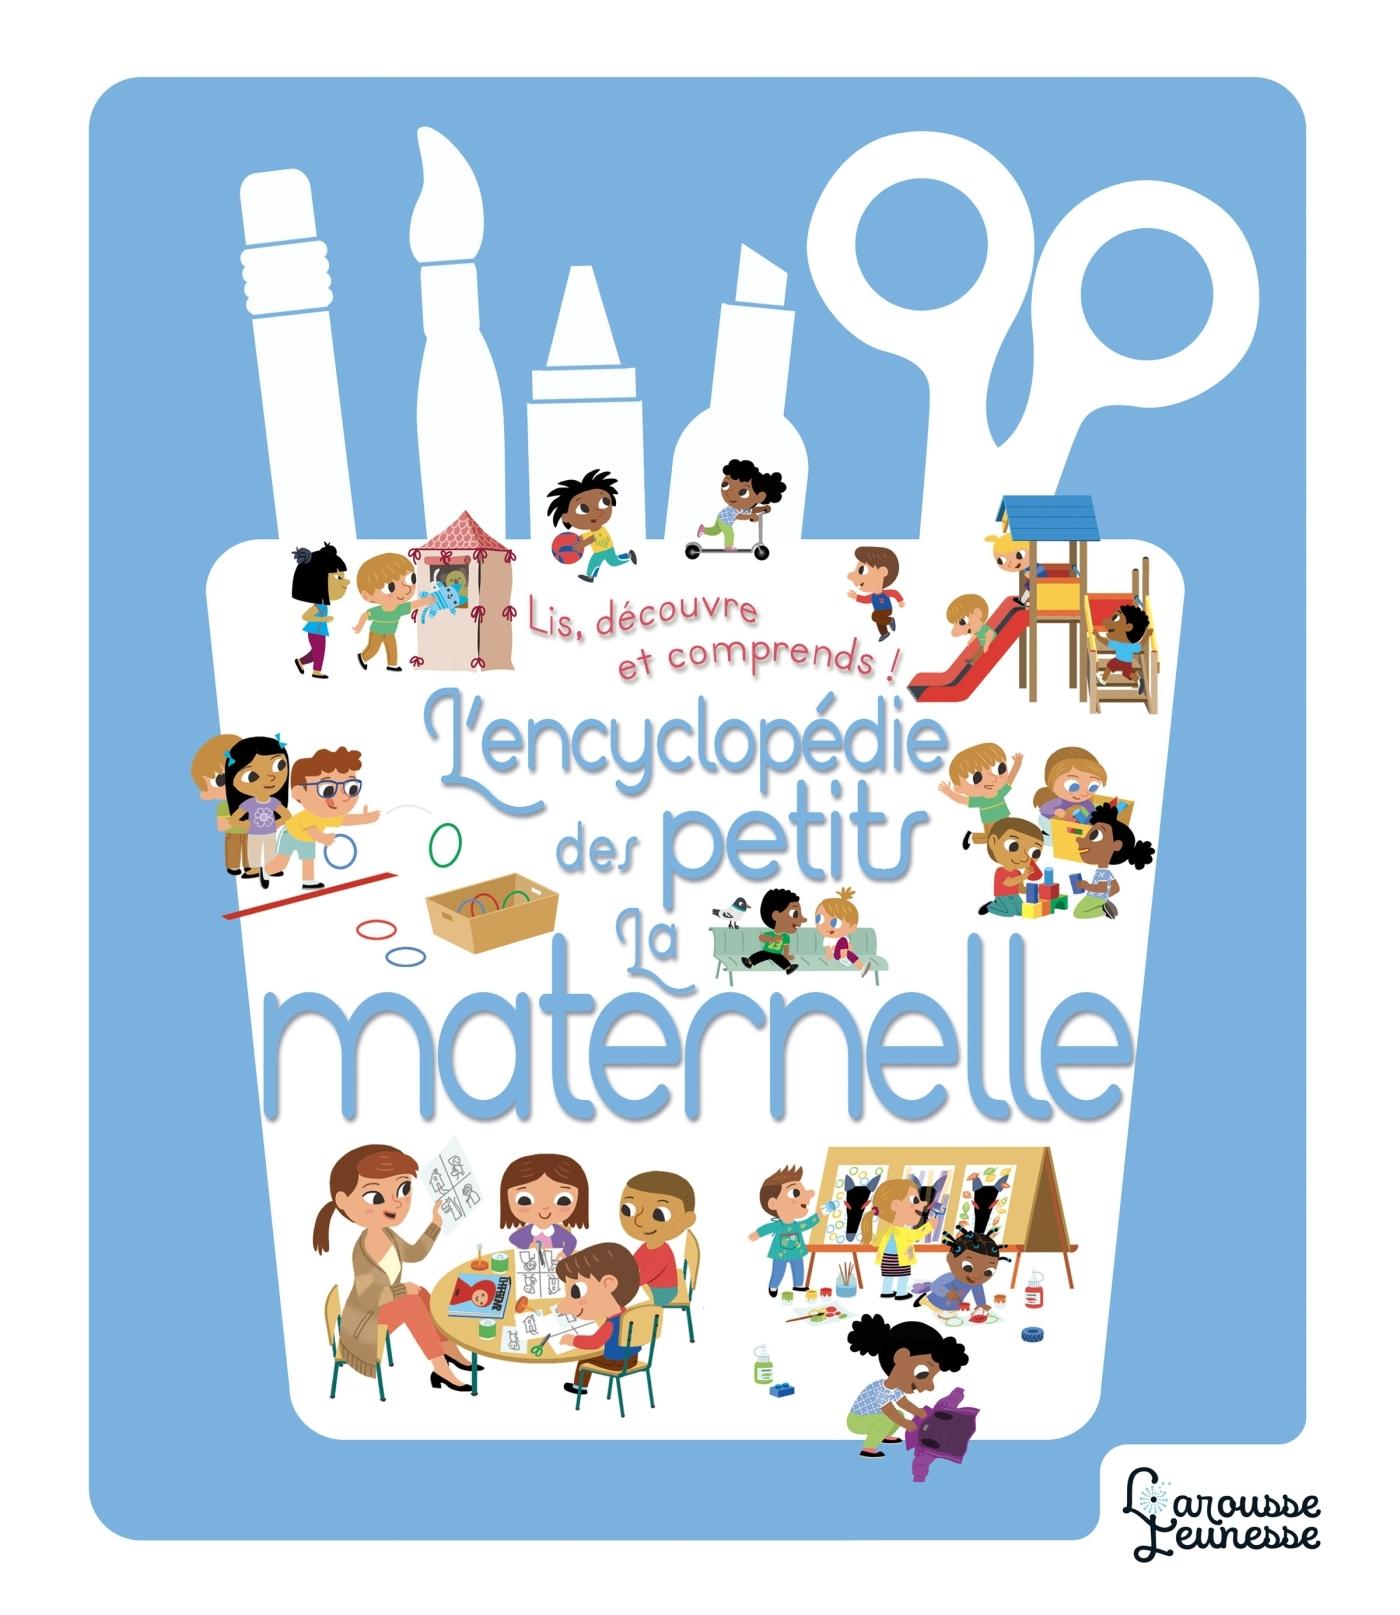 ENCYCLOPEDIE DES PETITS - L'ECOLE MATERNELLE